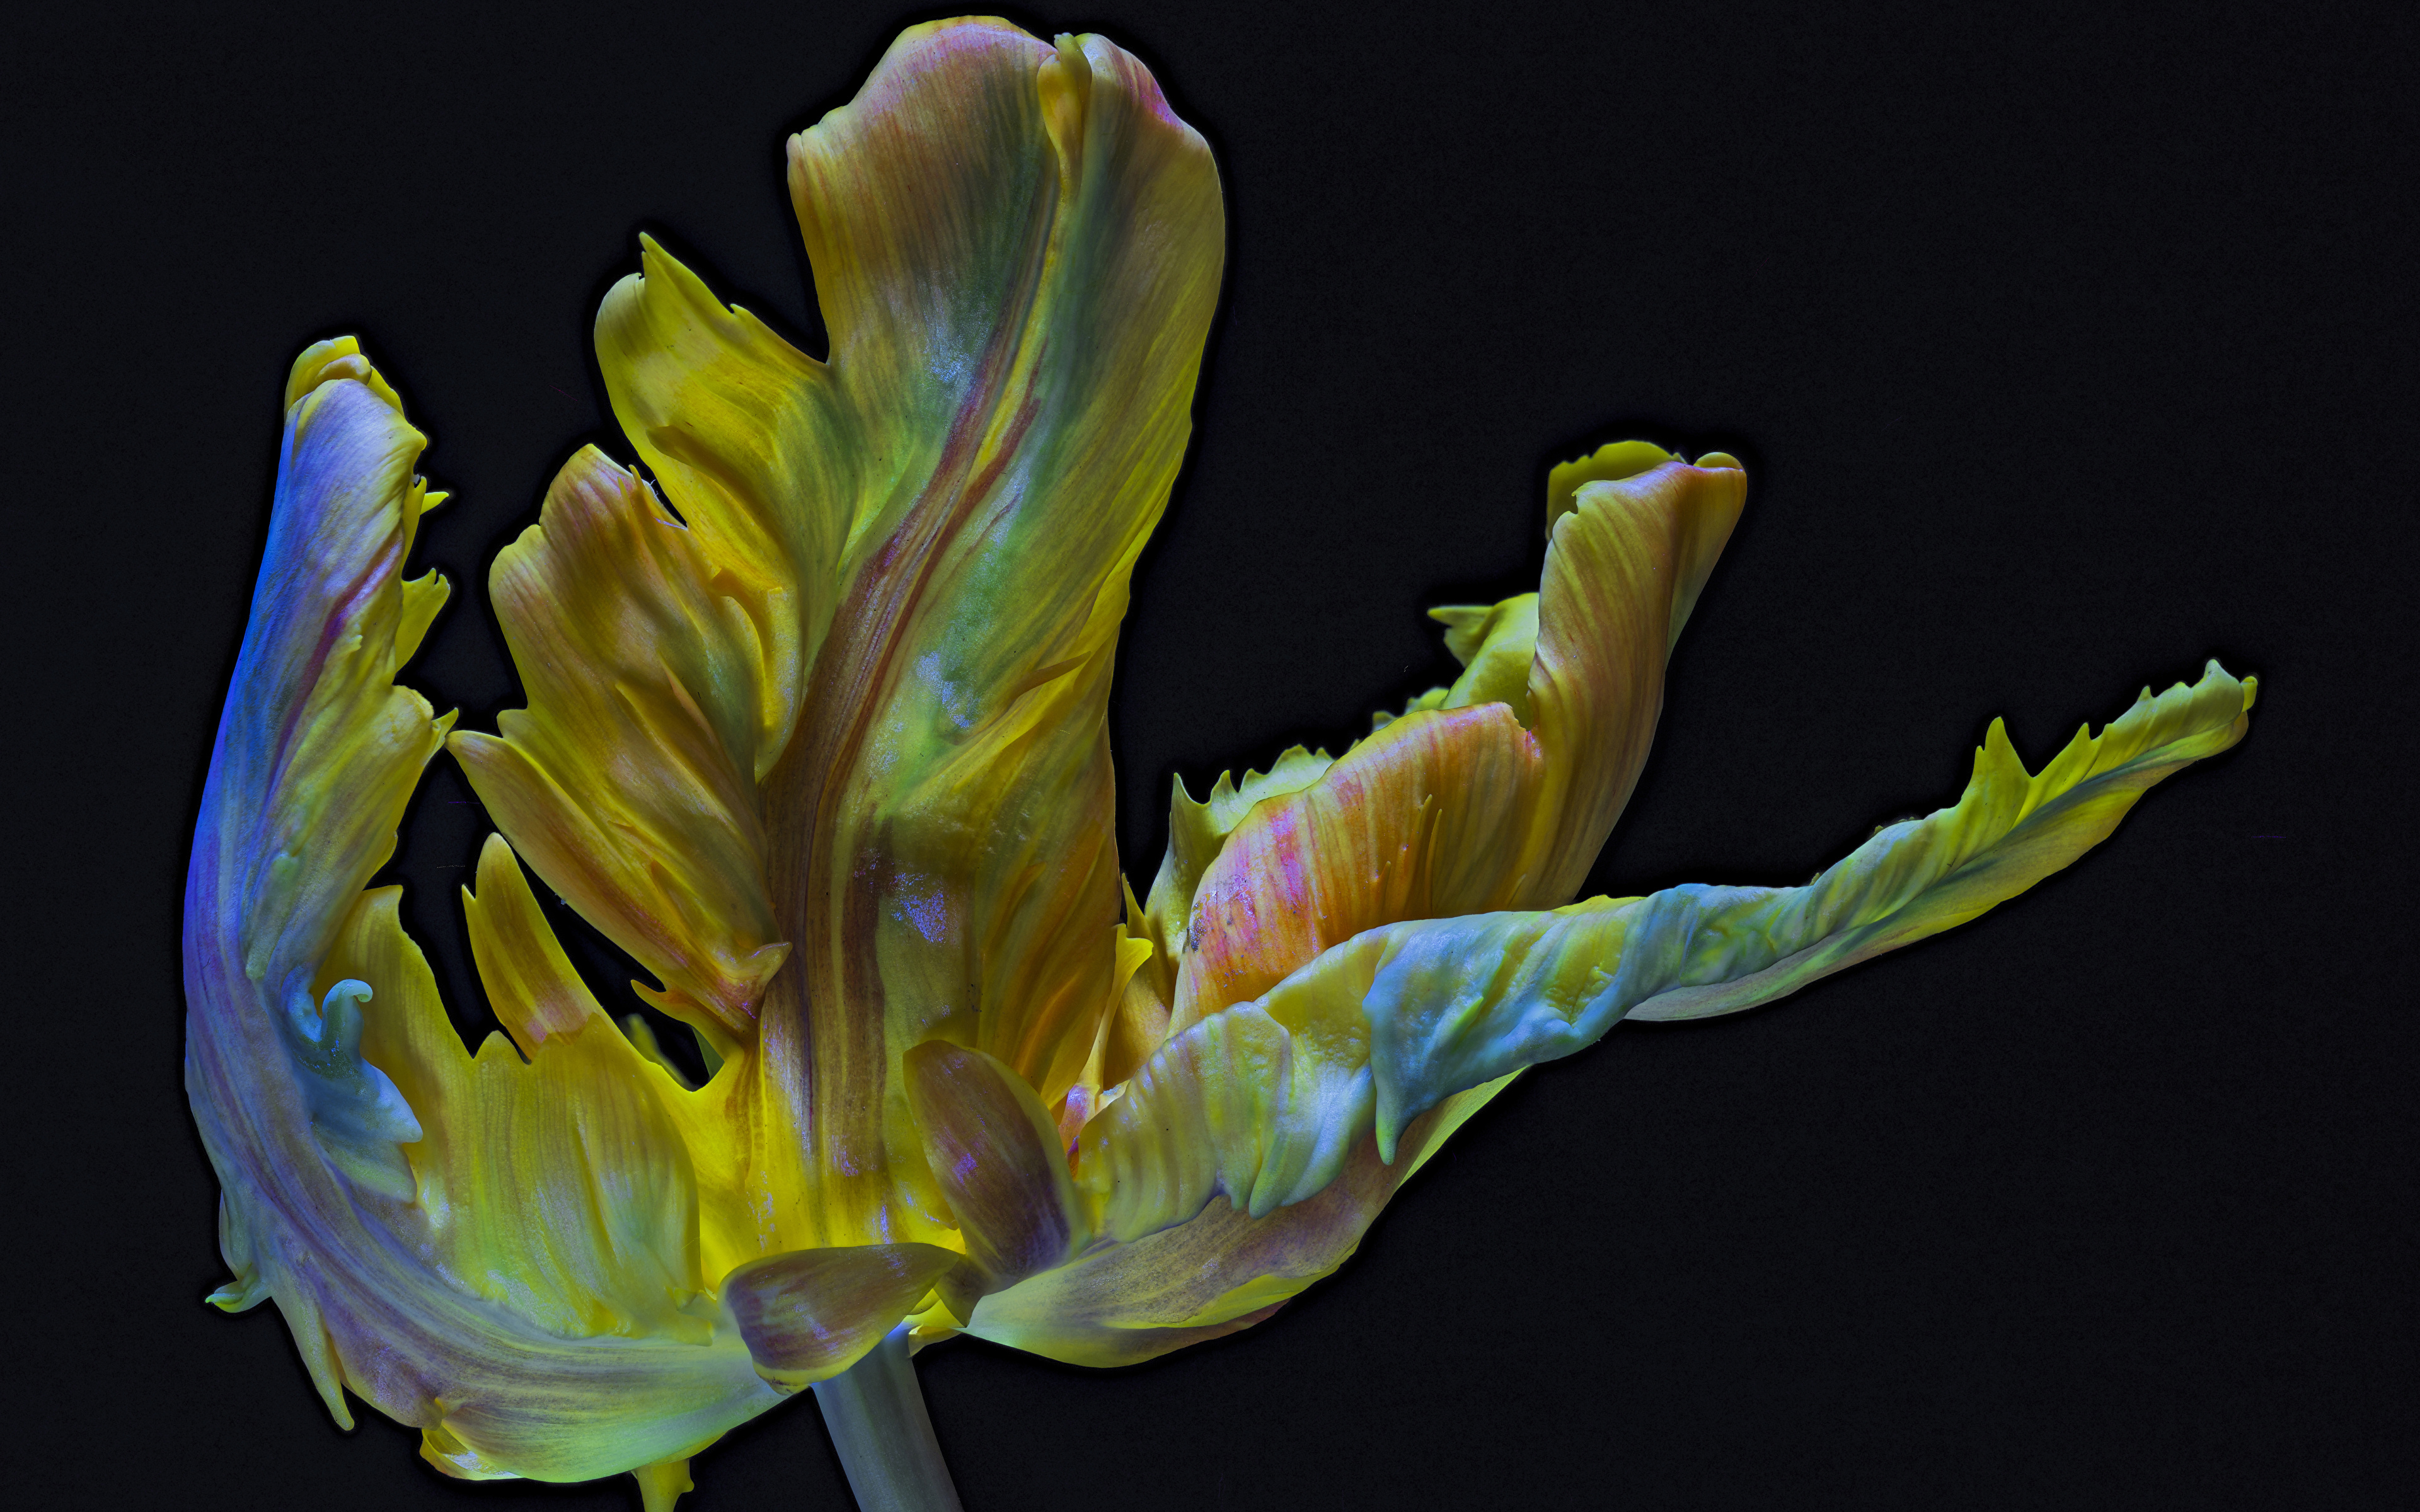 Обои для рабочего стола Parrot Tulip тюльпан Цветы вблизи на черном фоне 3840x2400 Тюльпаны цветок Черный фон Крупным планом